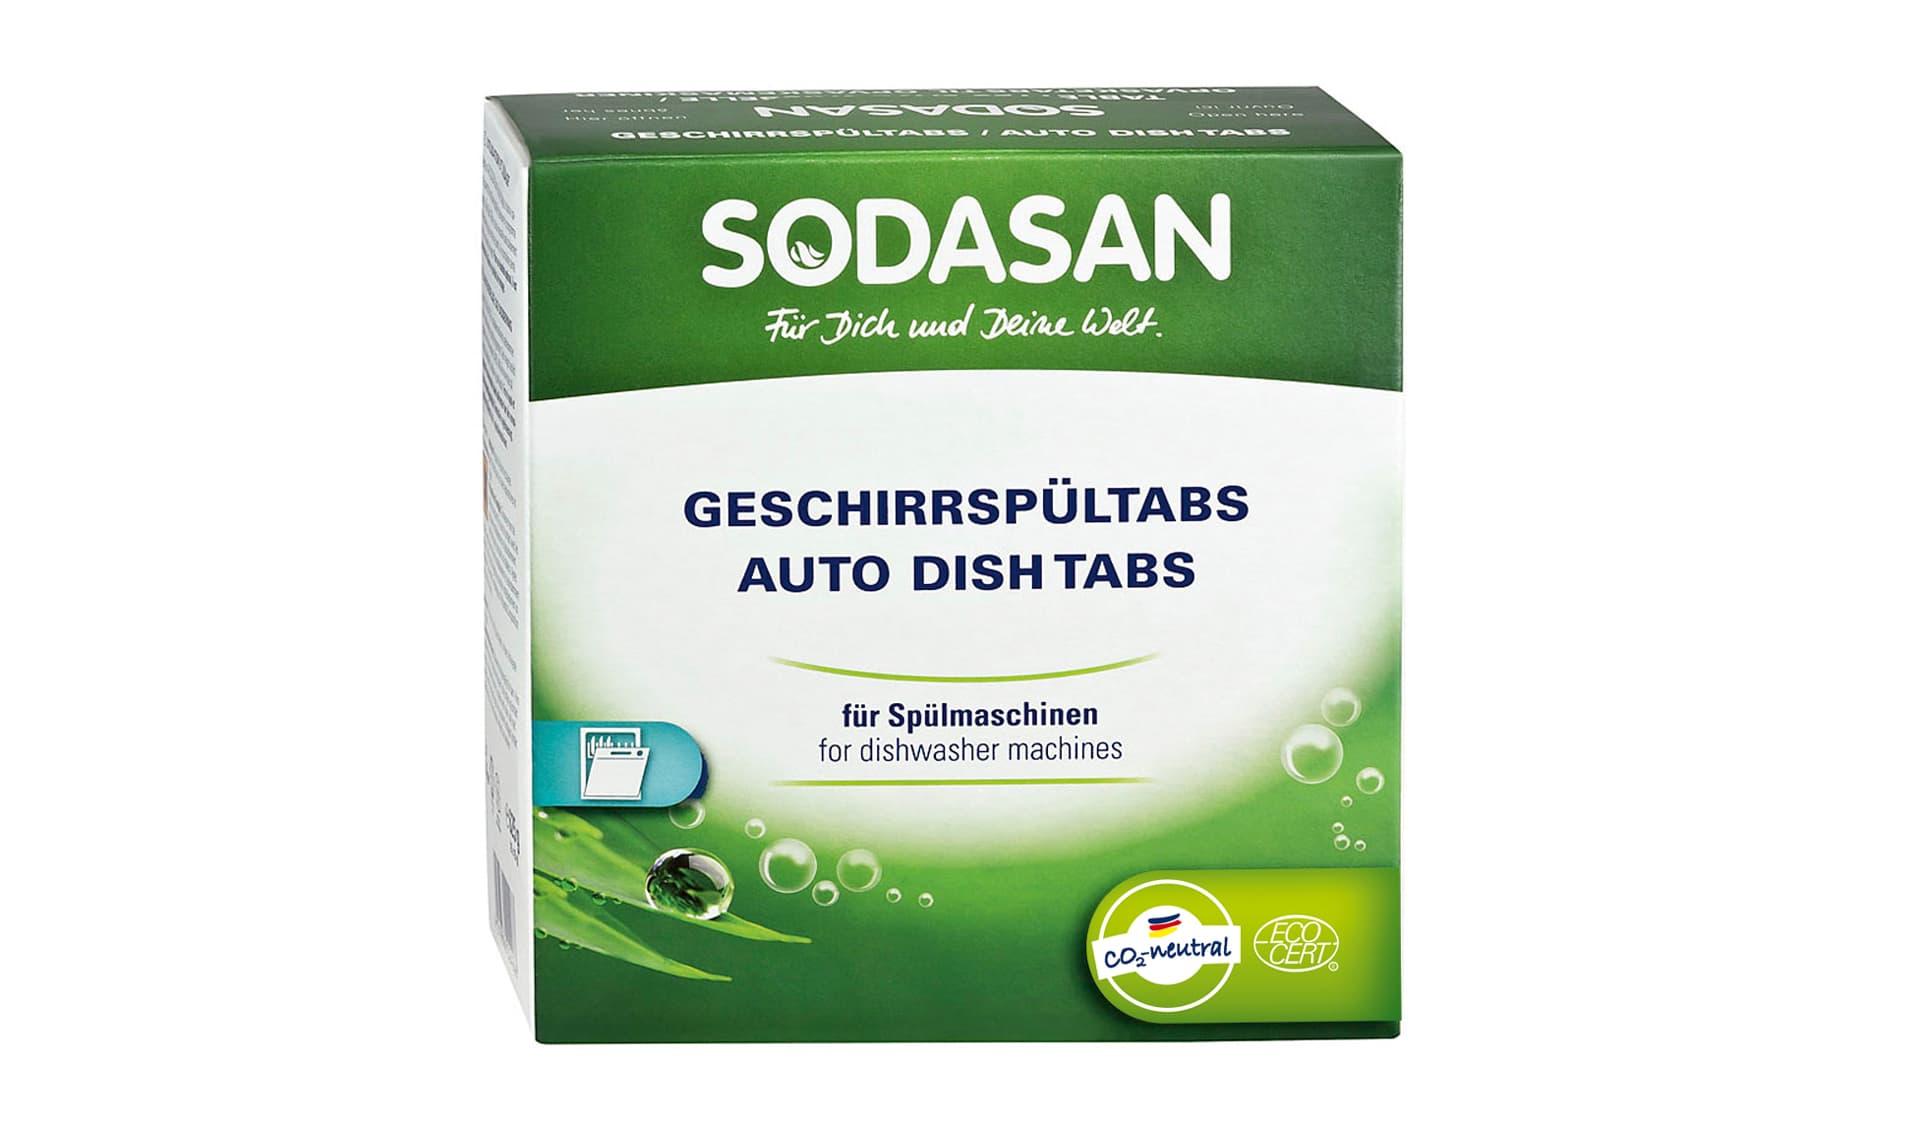 Sodasan Geschirrspültabs (www.sodasan.com)